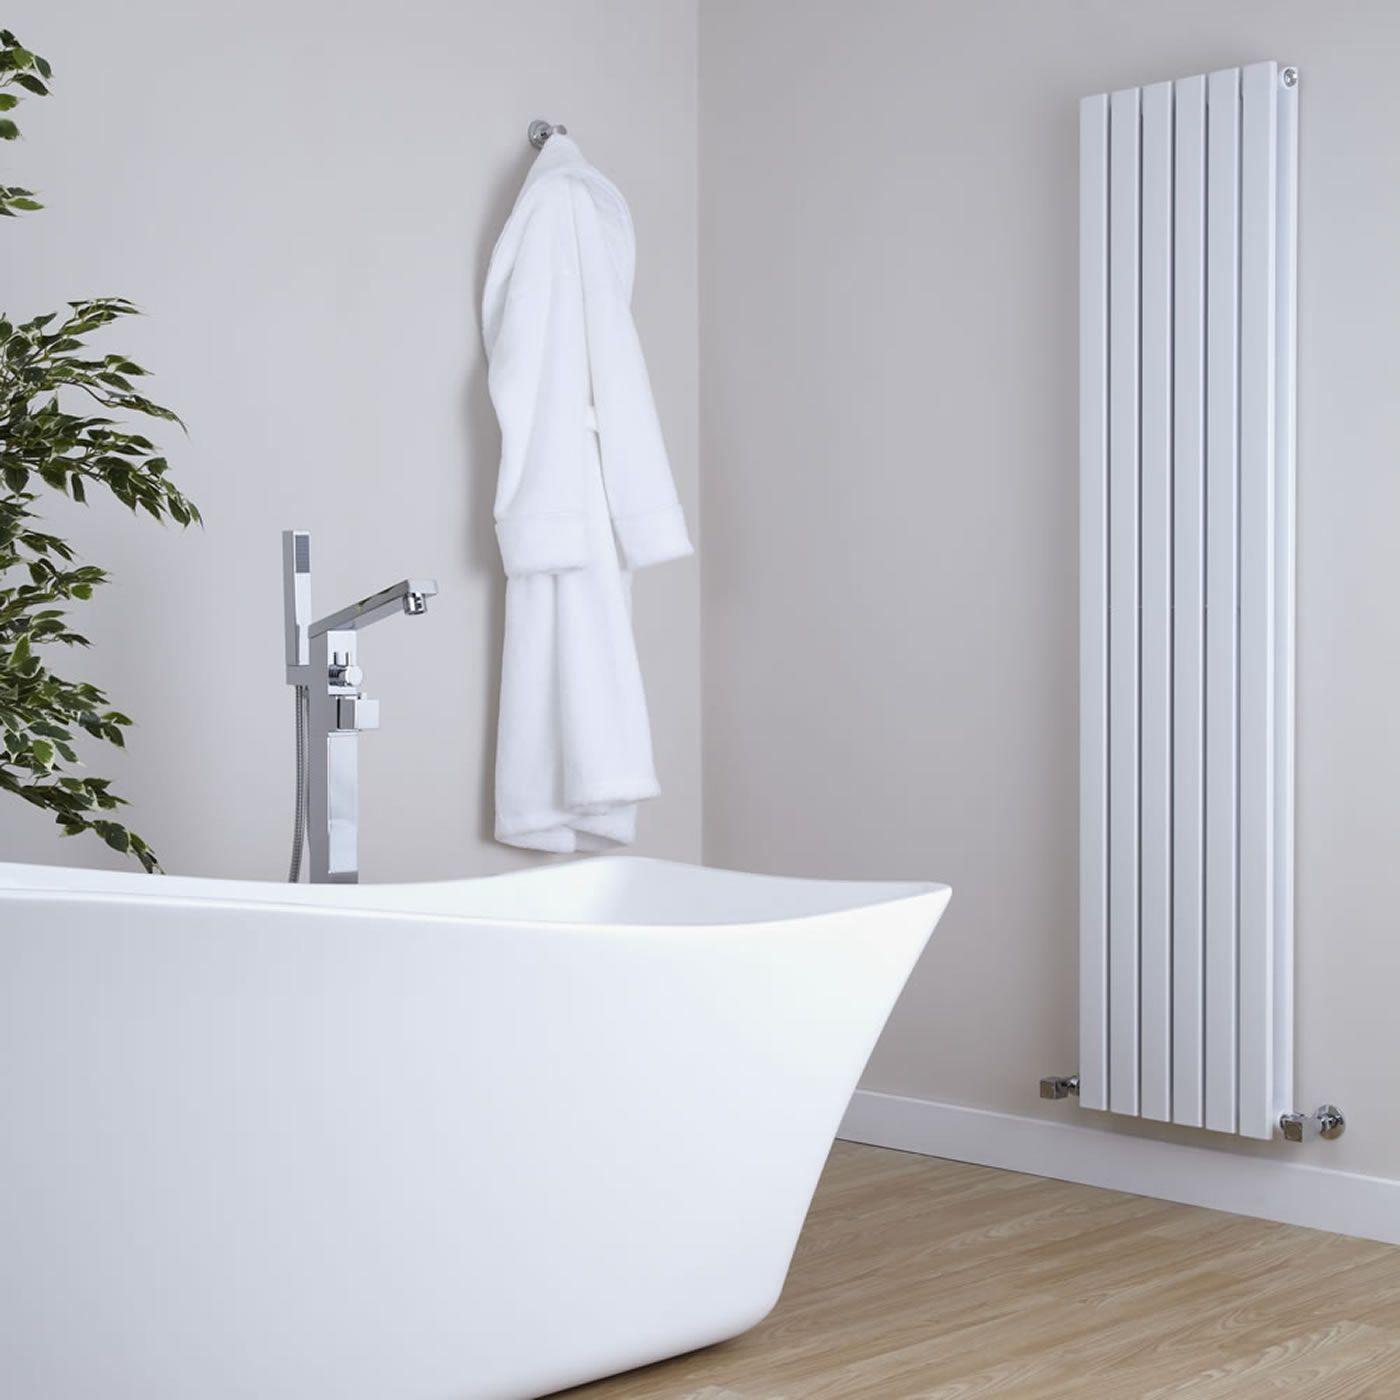 Sloane - White Vertical Double Flat-Panel Designer Radiator - 70\